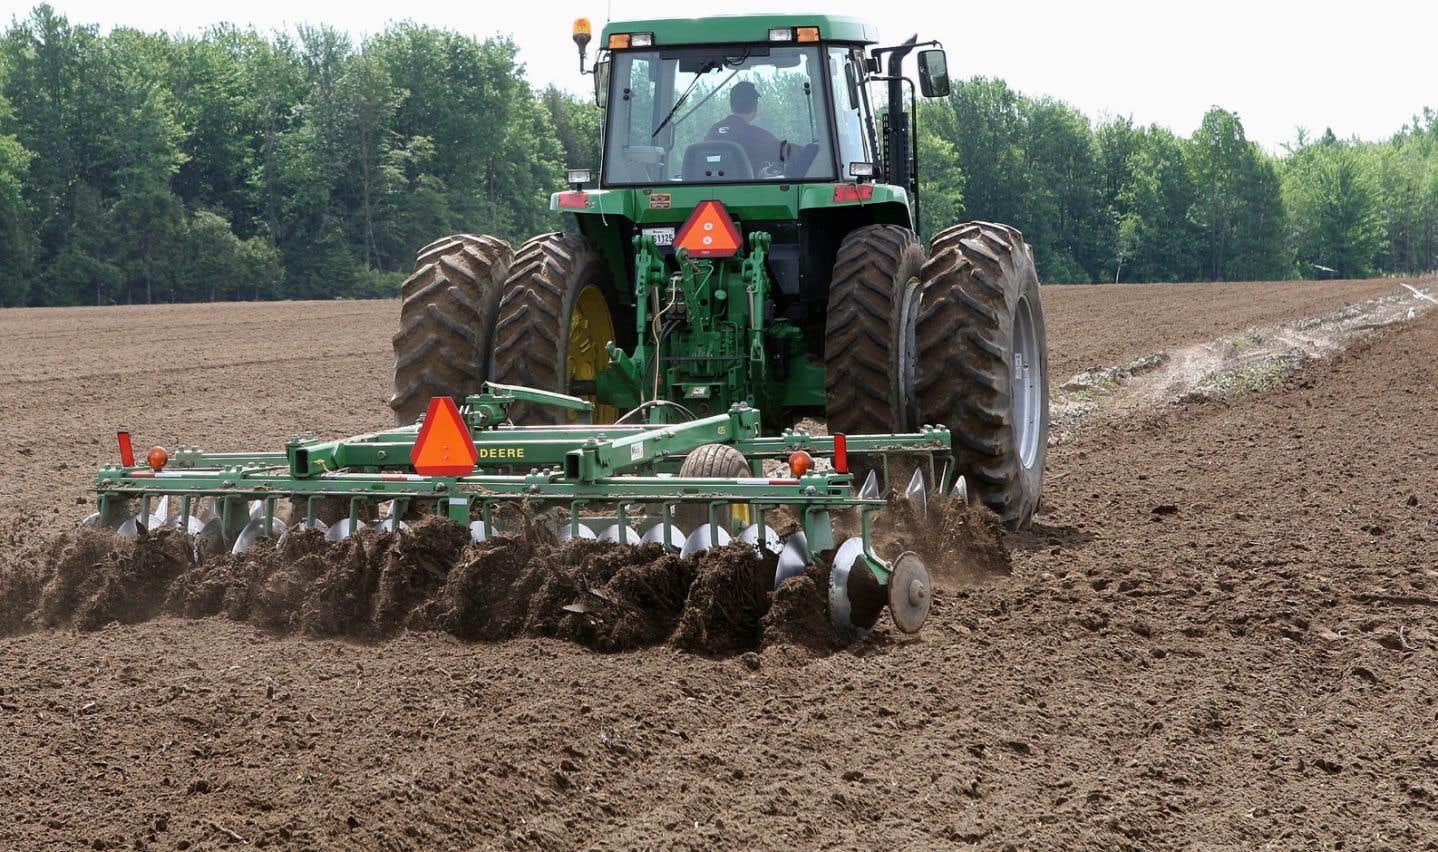 Des changements importants doivent être apportés en agroalimentaire pour subvenir aux besoins de tous.